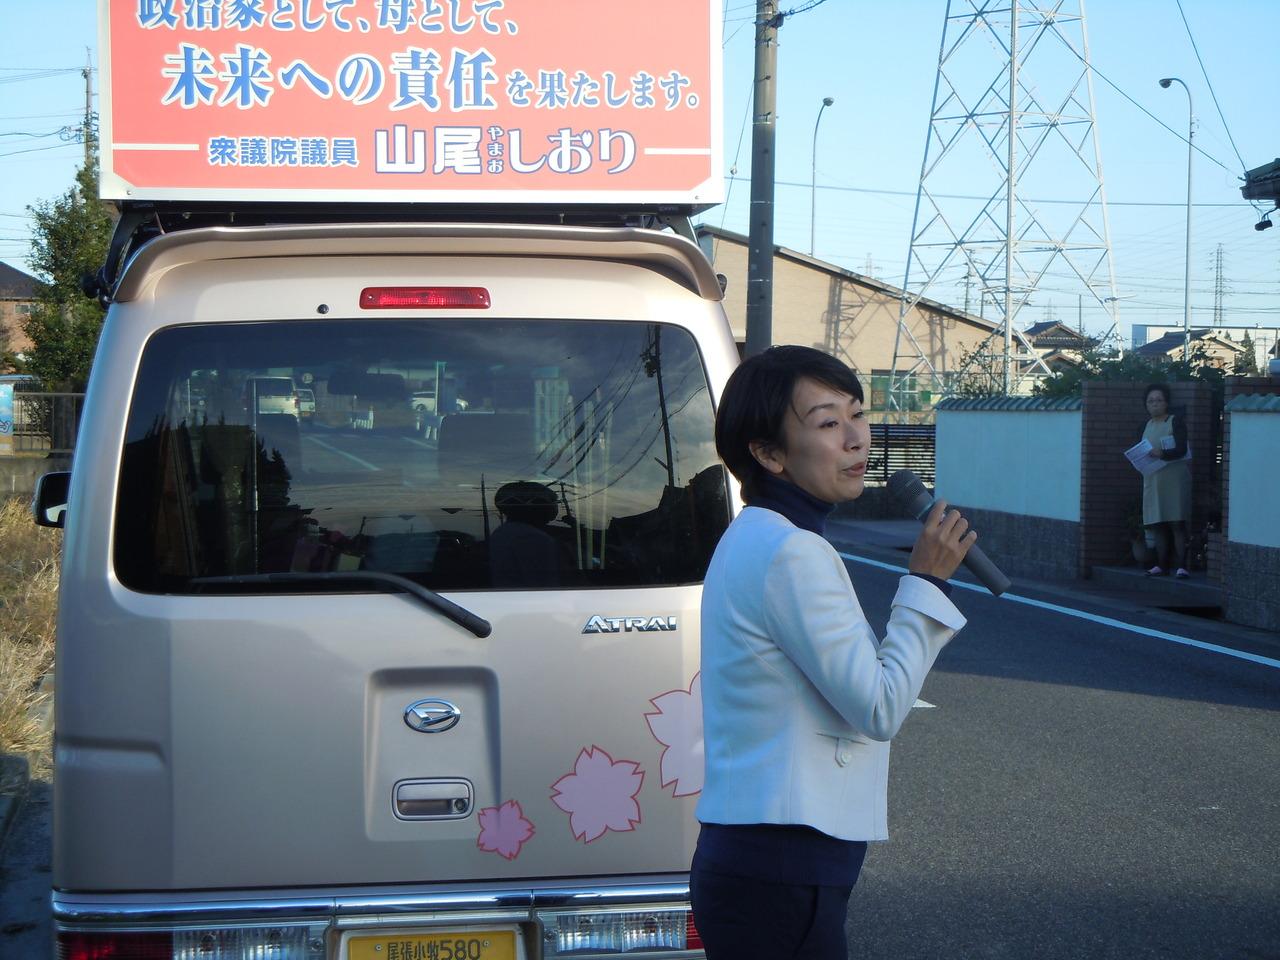 「山尾志桜里議員の車」の画像検索結果